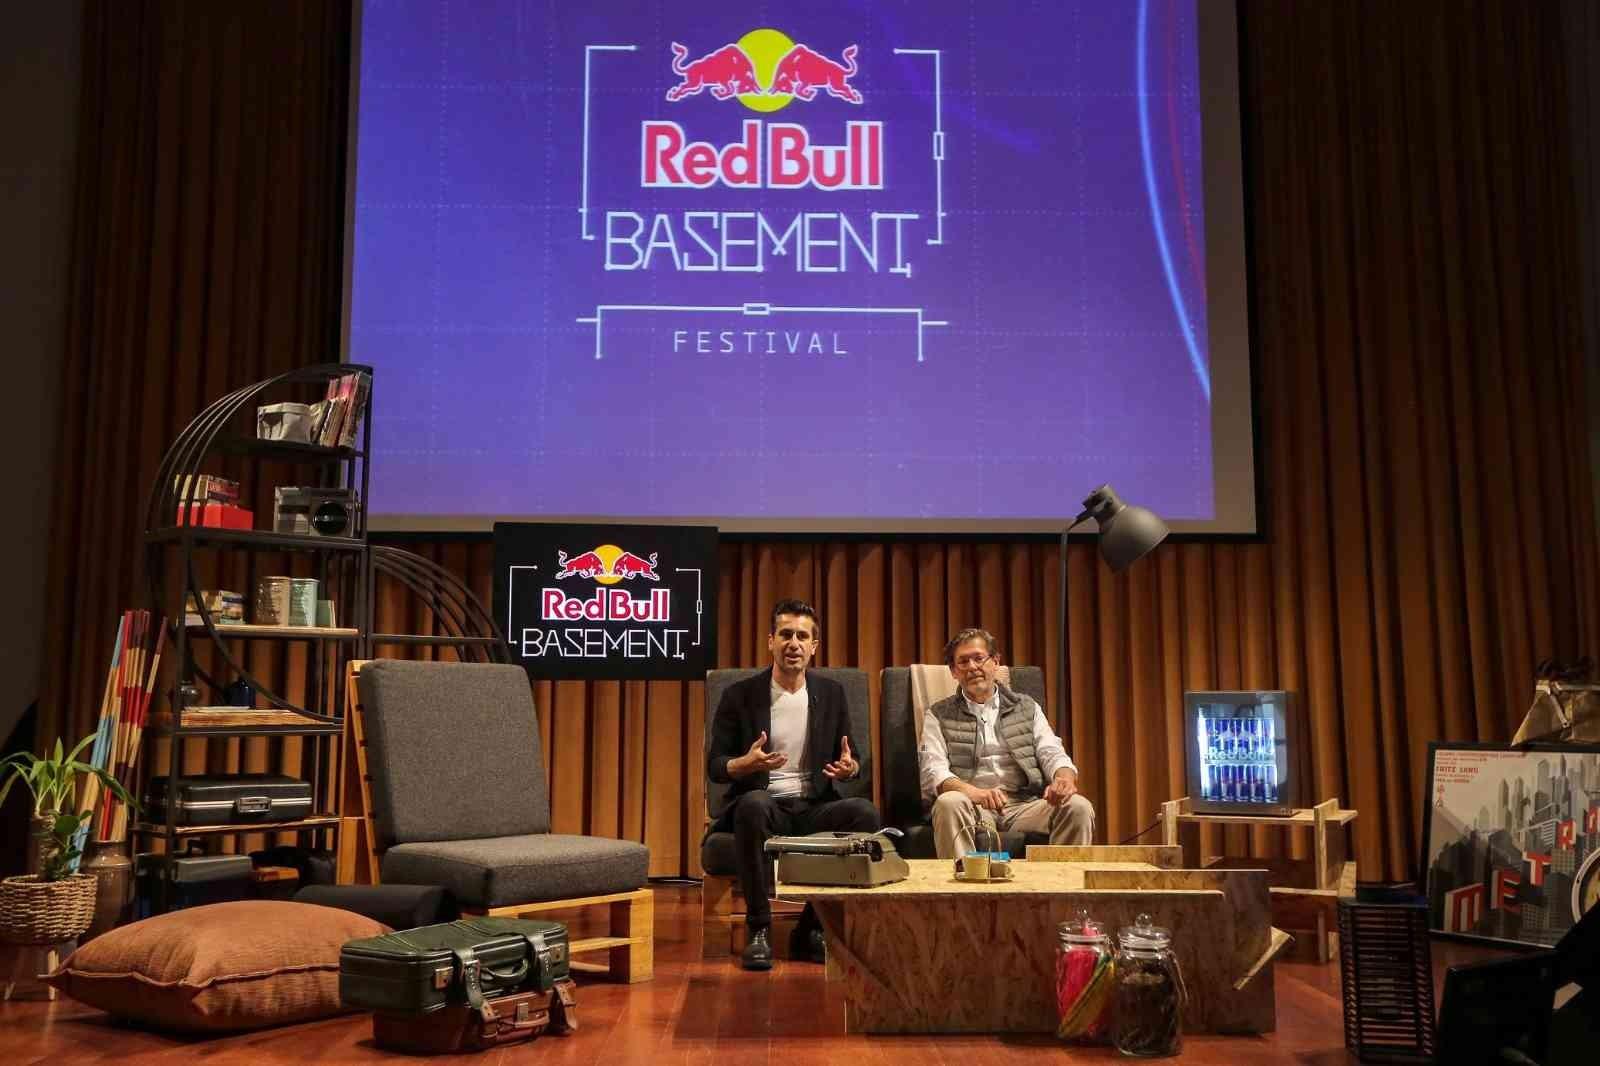 Red Bull Basement'a başvuru için son günler